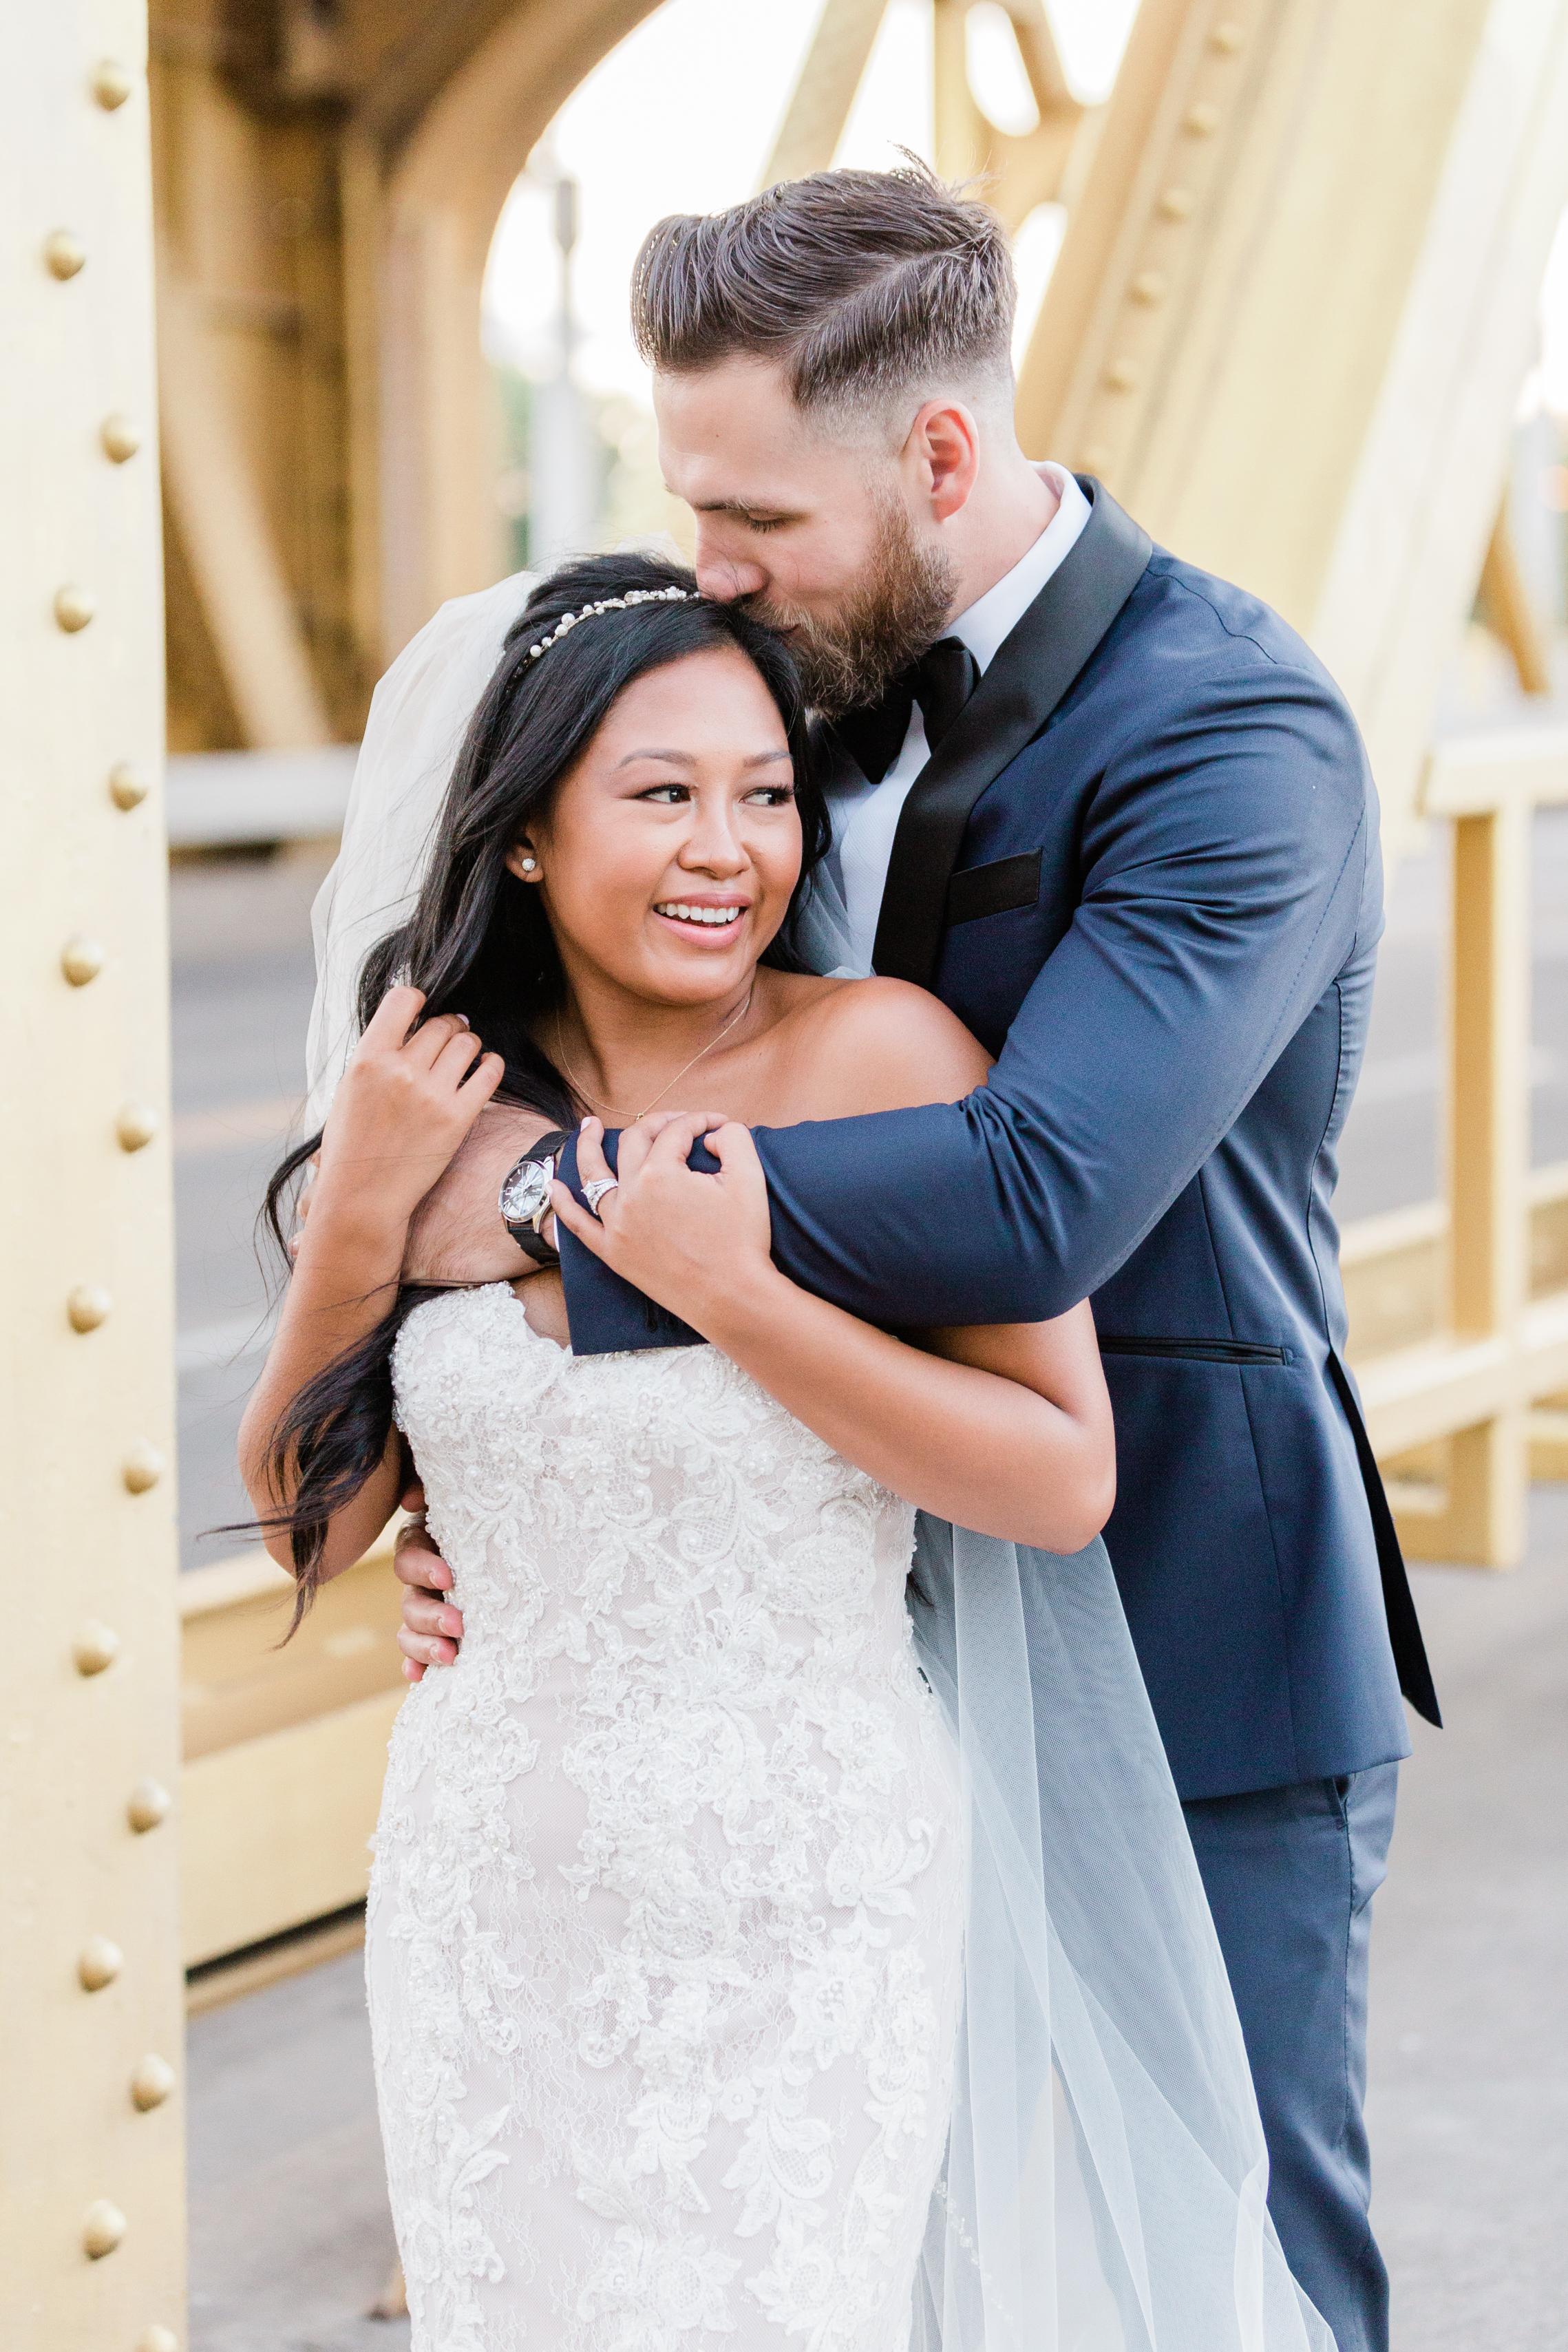 Raedawn and George - Married - Sneak Peeks - Lauren Alisse Photography-49.jpg